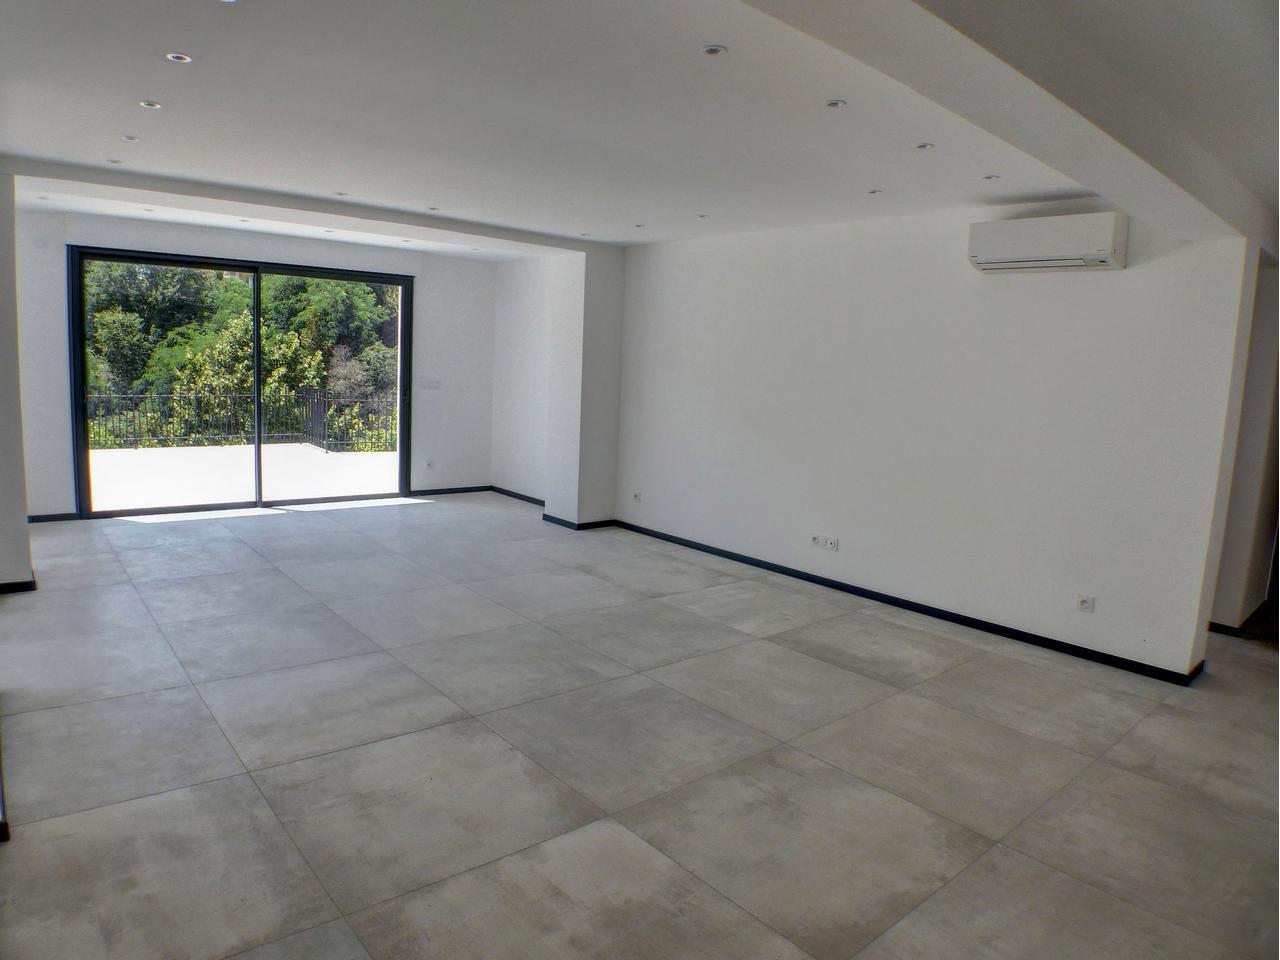 Immobilier nice vue mer appartement nice 4 pieces a vendre for Appartement rez de jardin nice